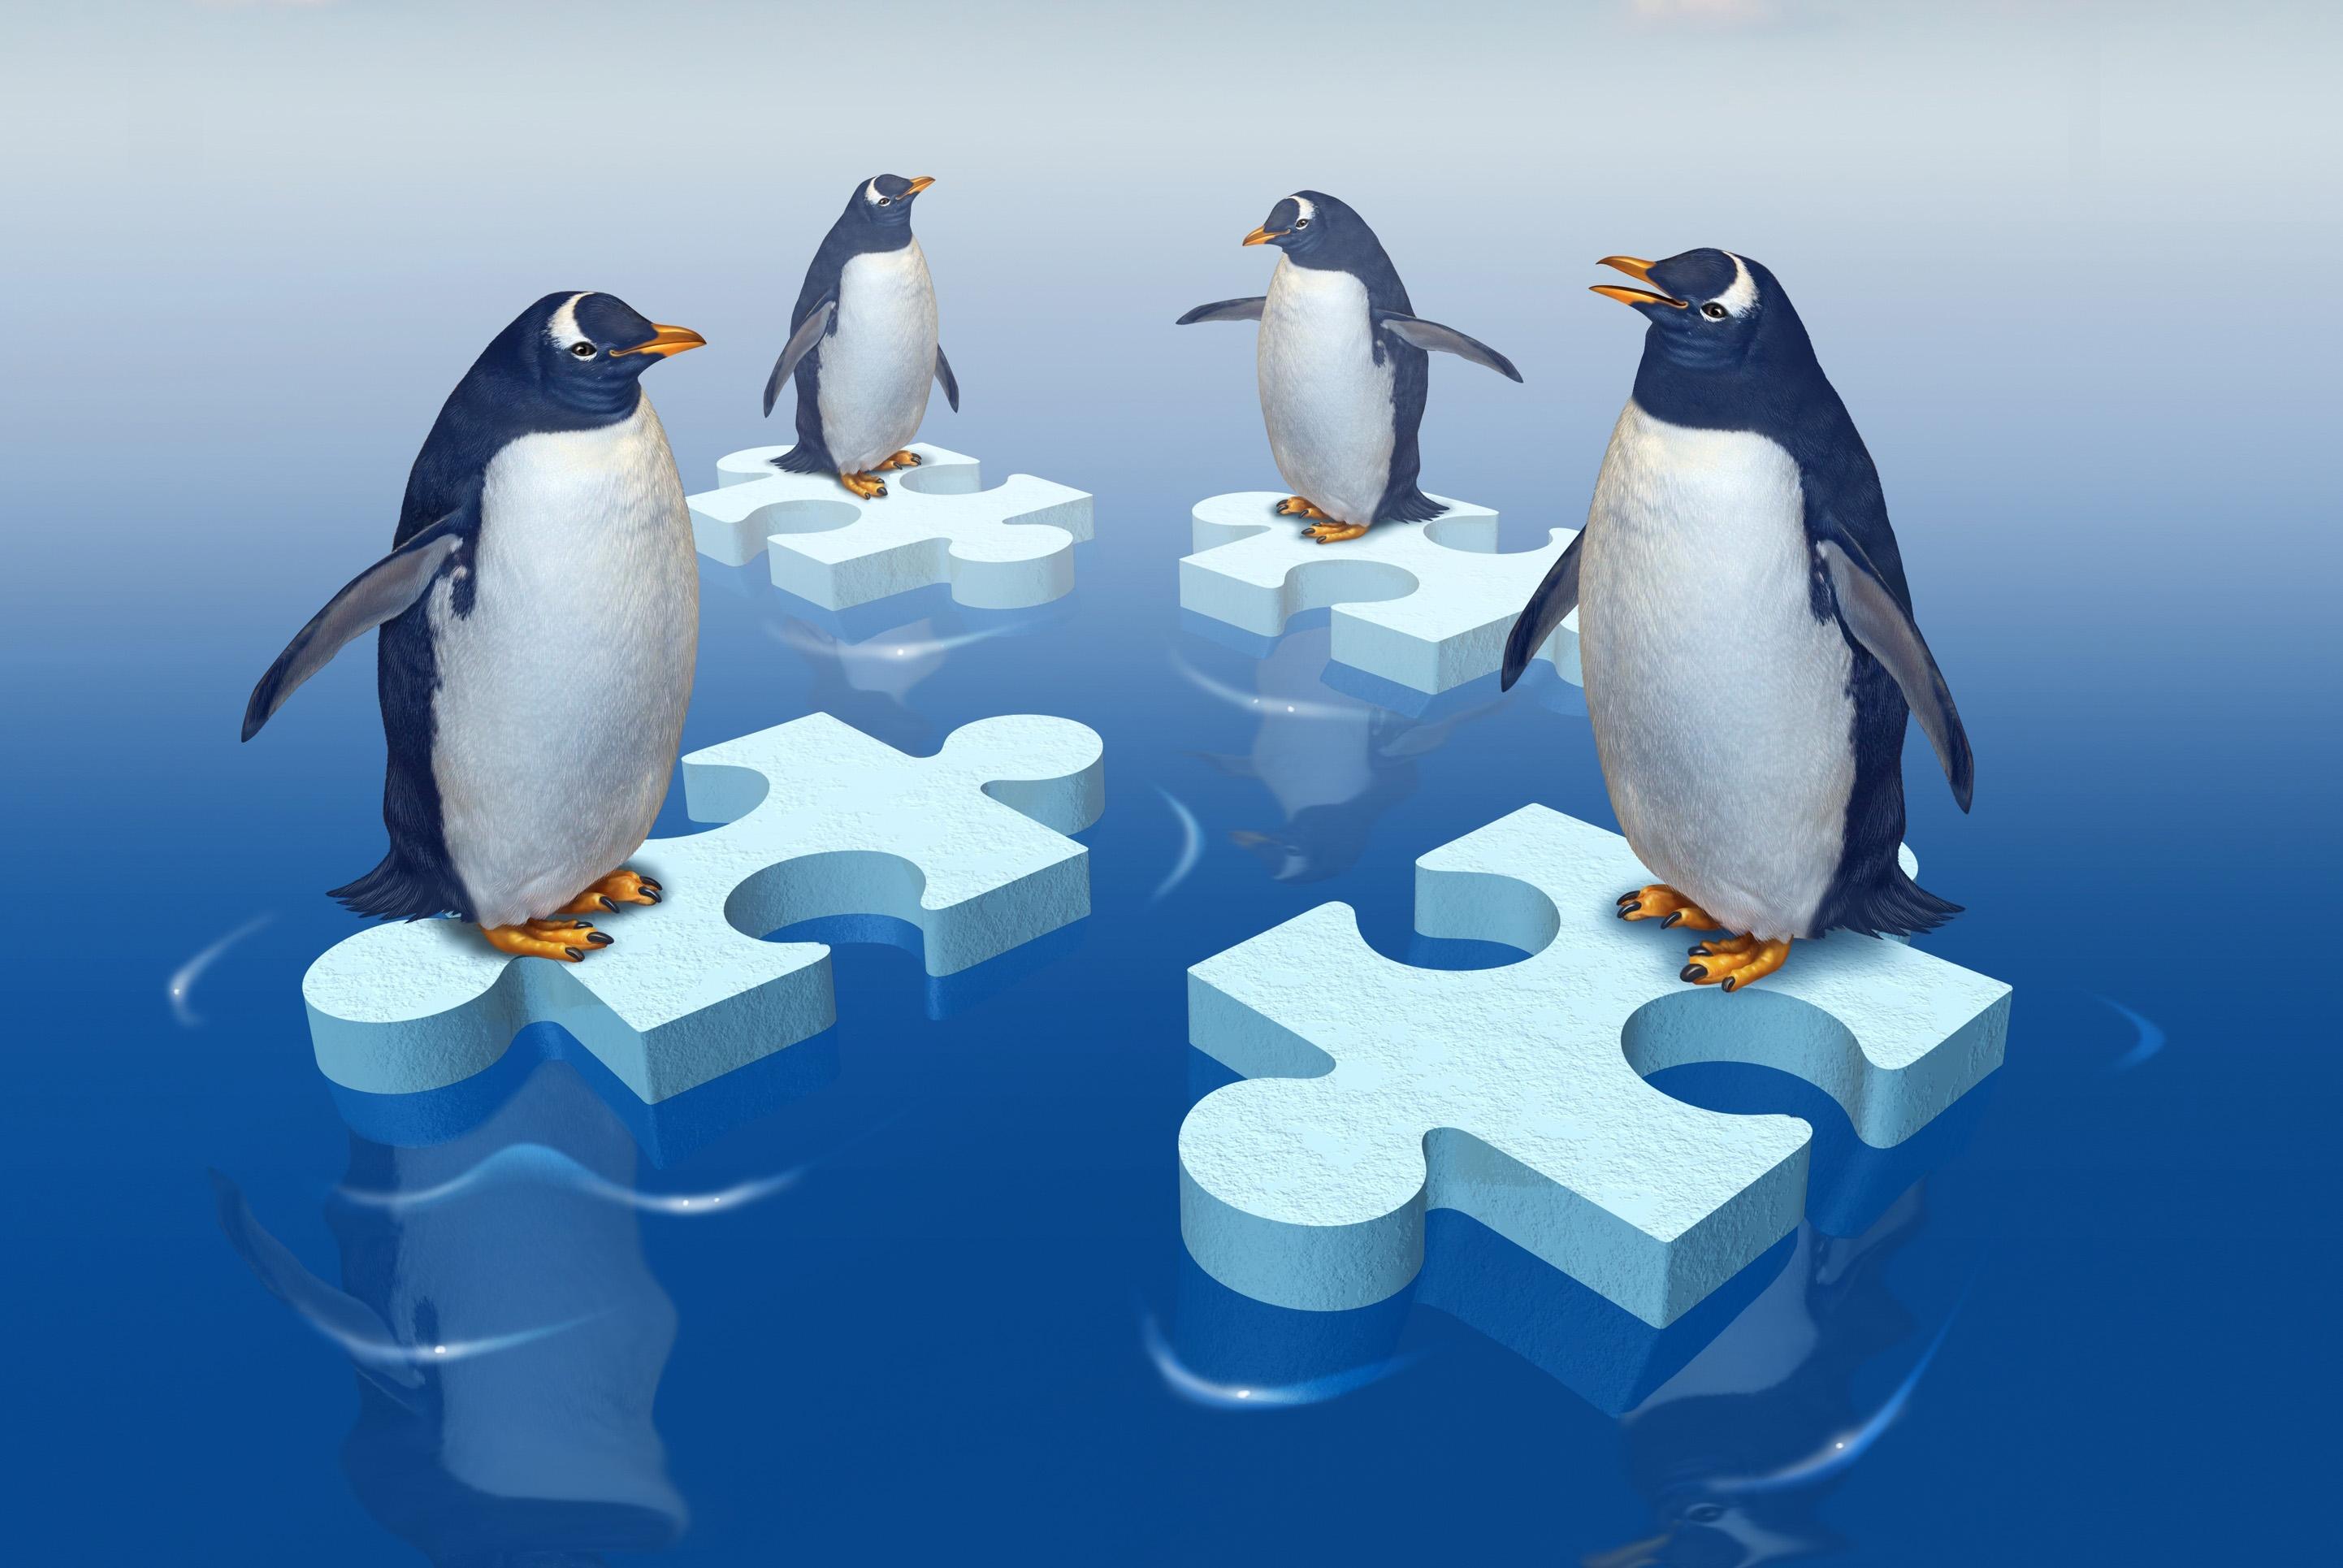 vier pinguïns